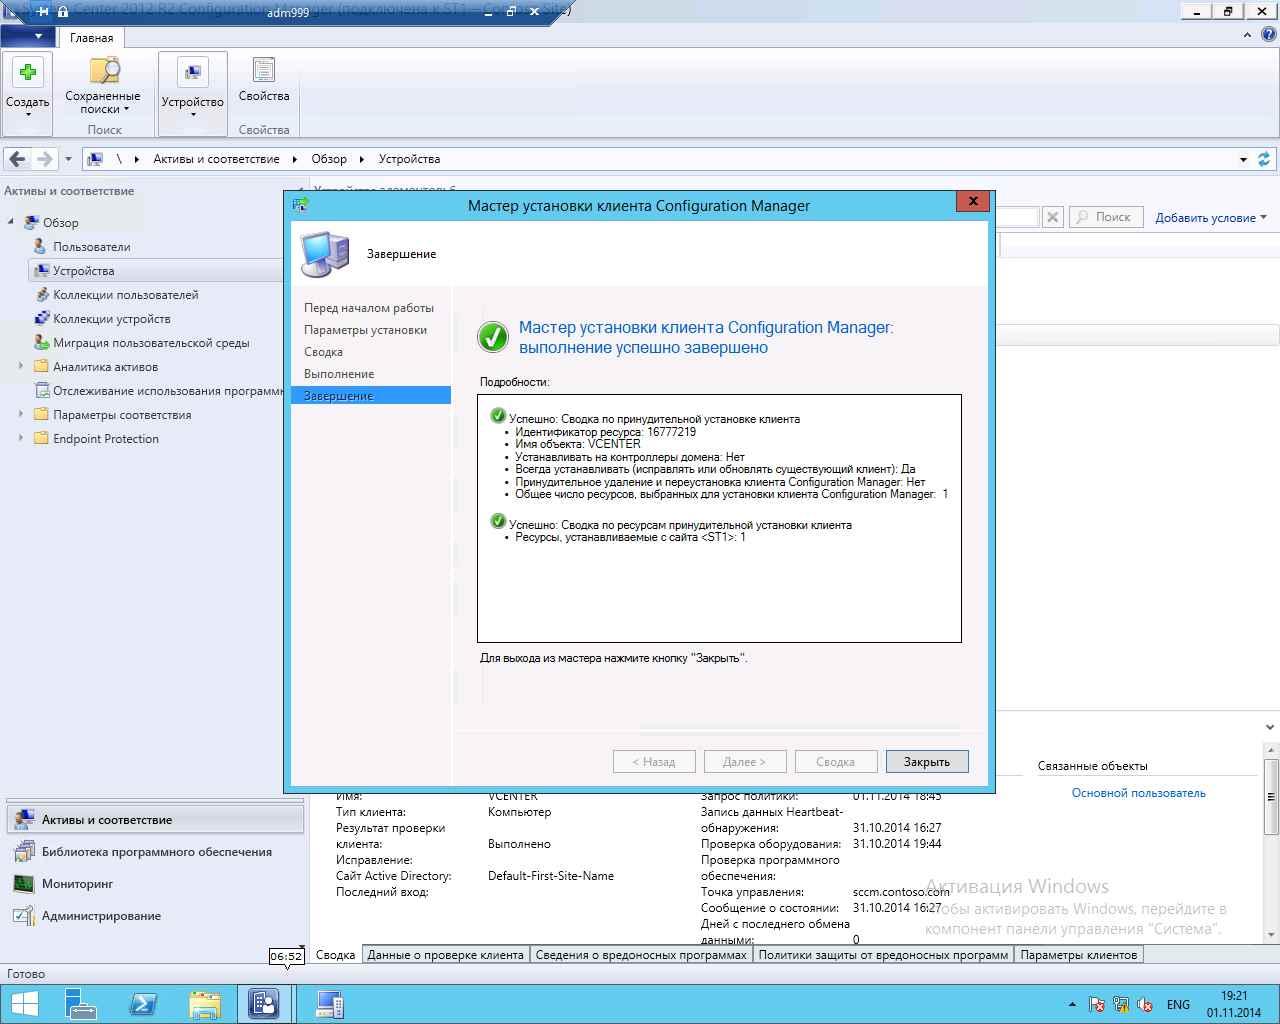 Как установить SCCM (System Center Configuration Manager) 2012R2 в windows server 2012R2 -6 часть. Как принудительно установить клиента-12